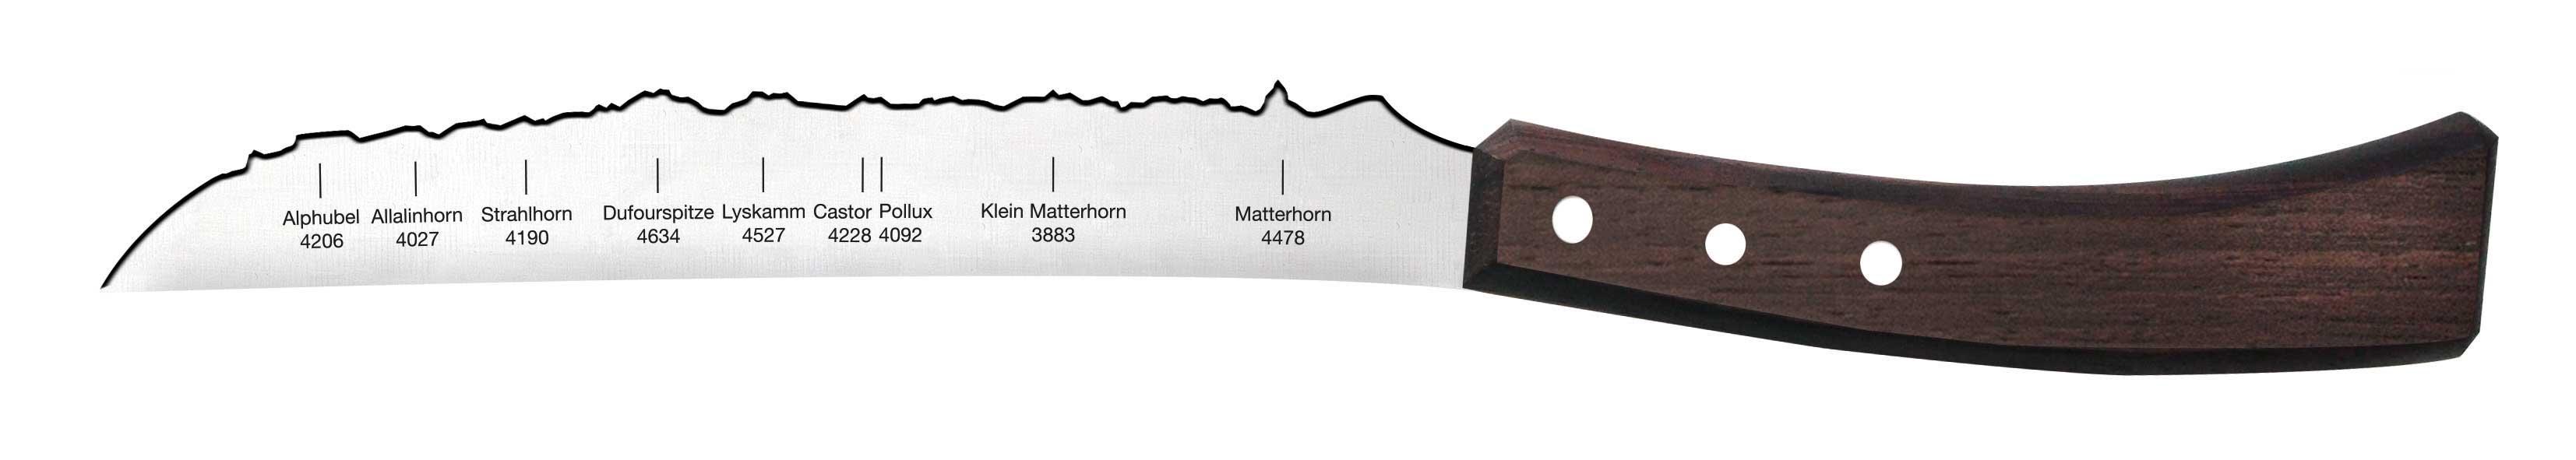 PanoramaKnife Universalmesser Wallis Vorderseite